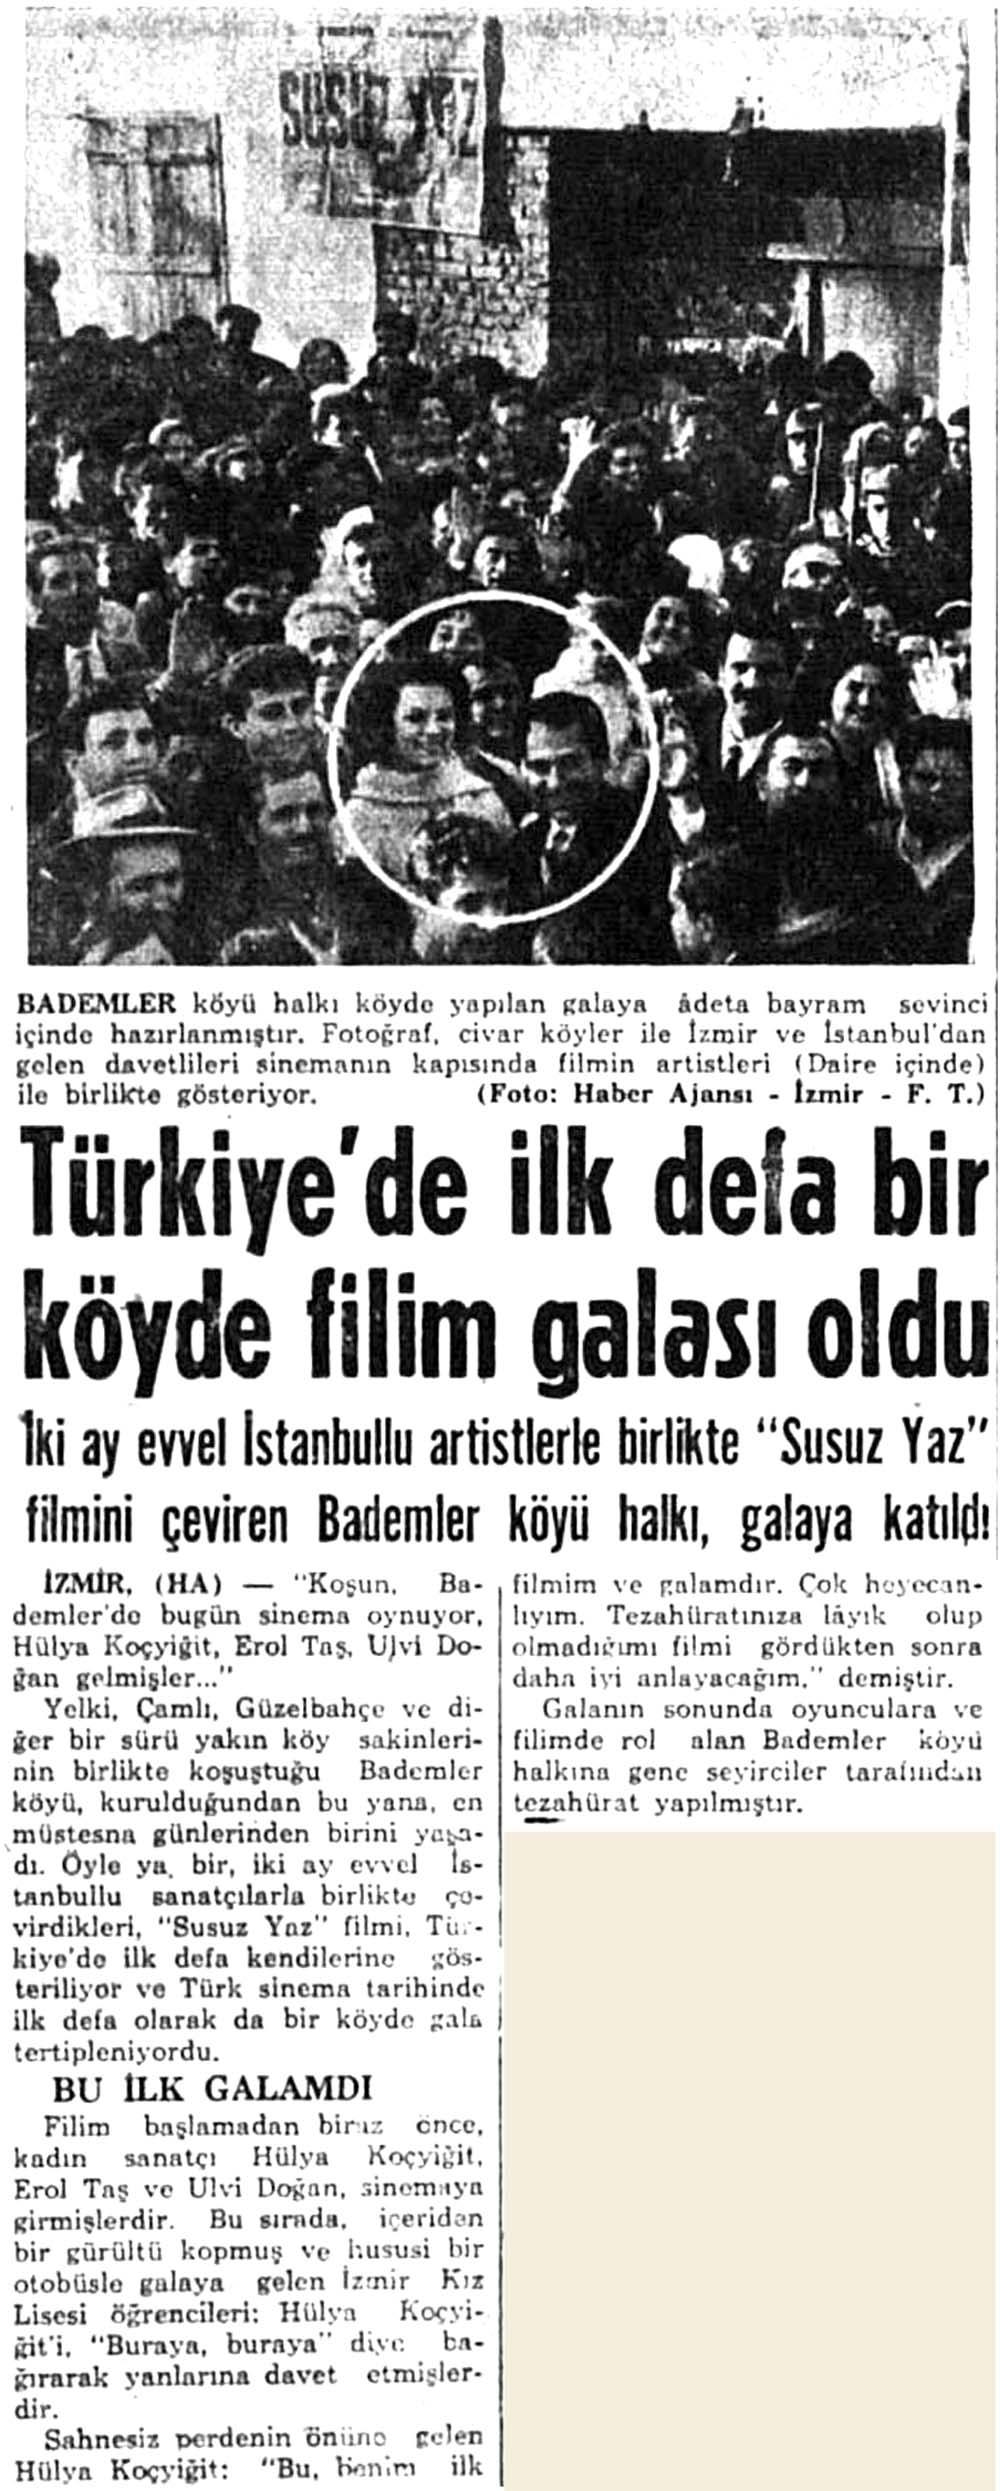 Türkiye'de ilk defa bir köyde filim galası oldu